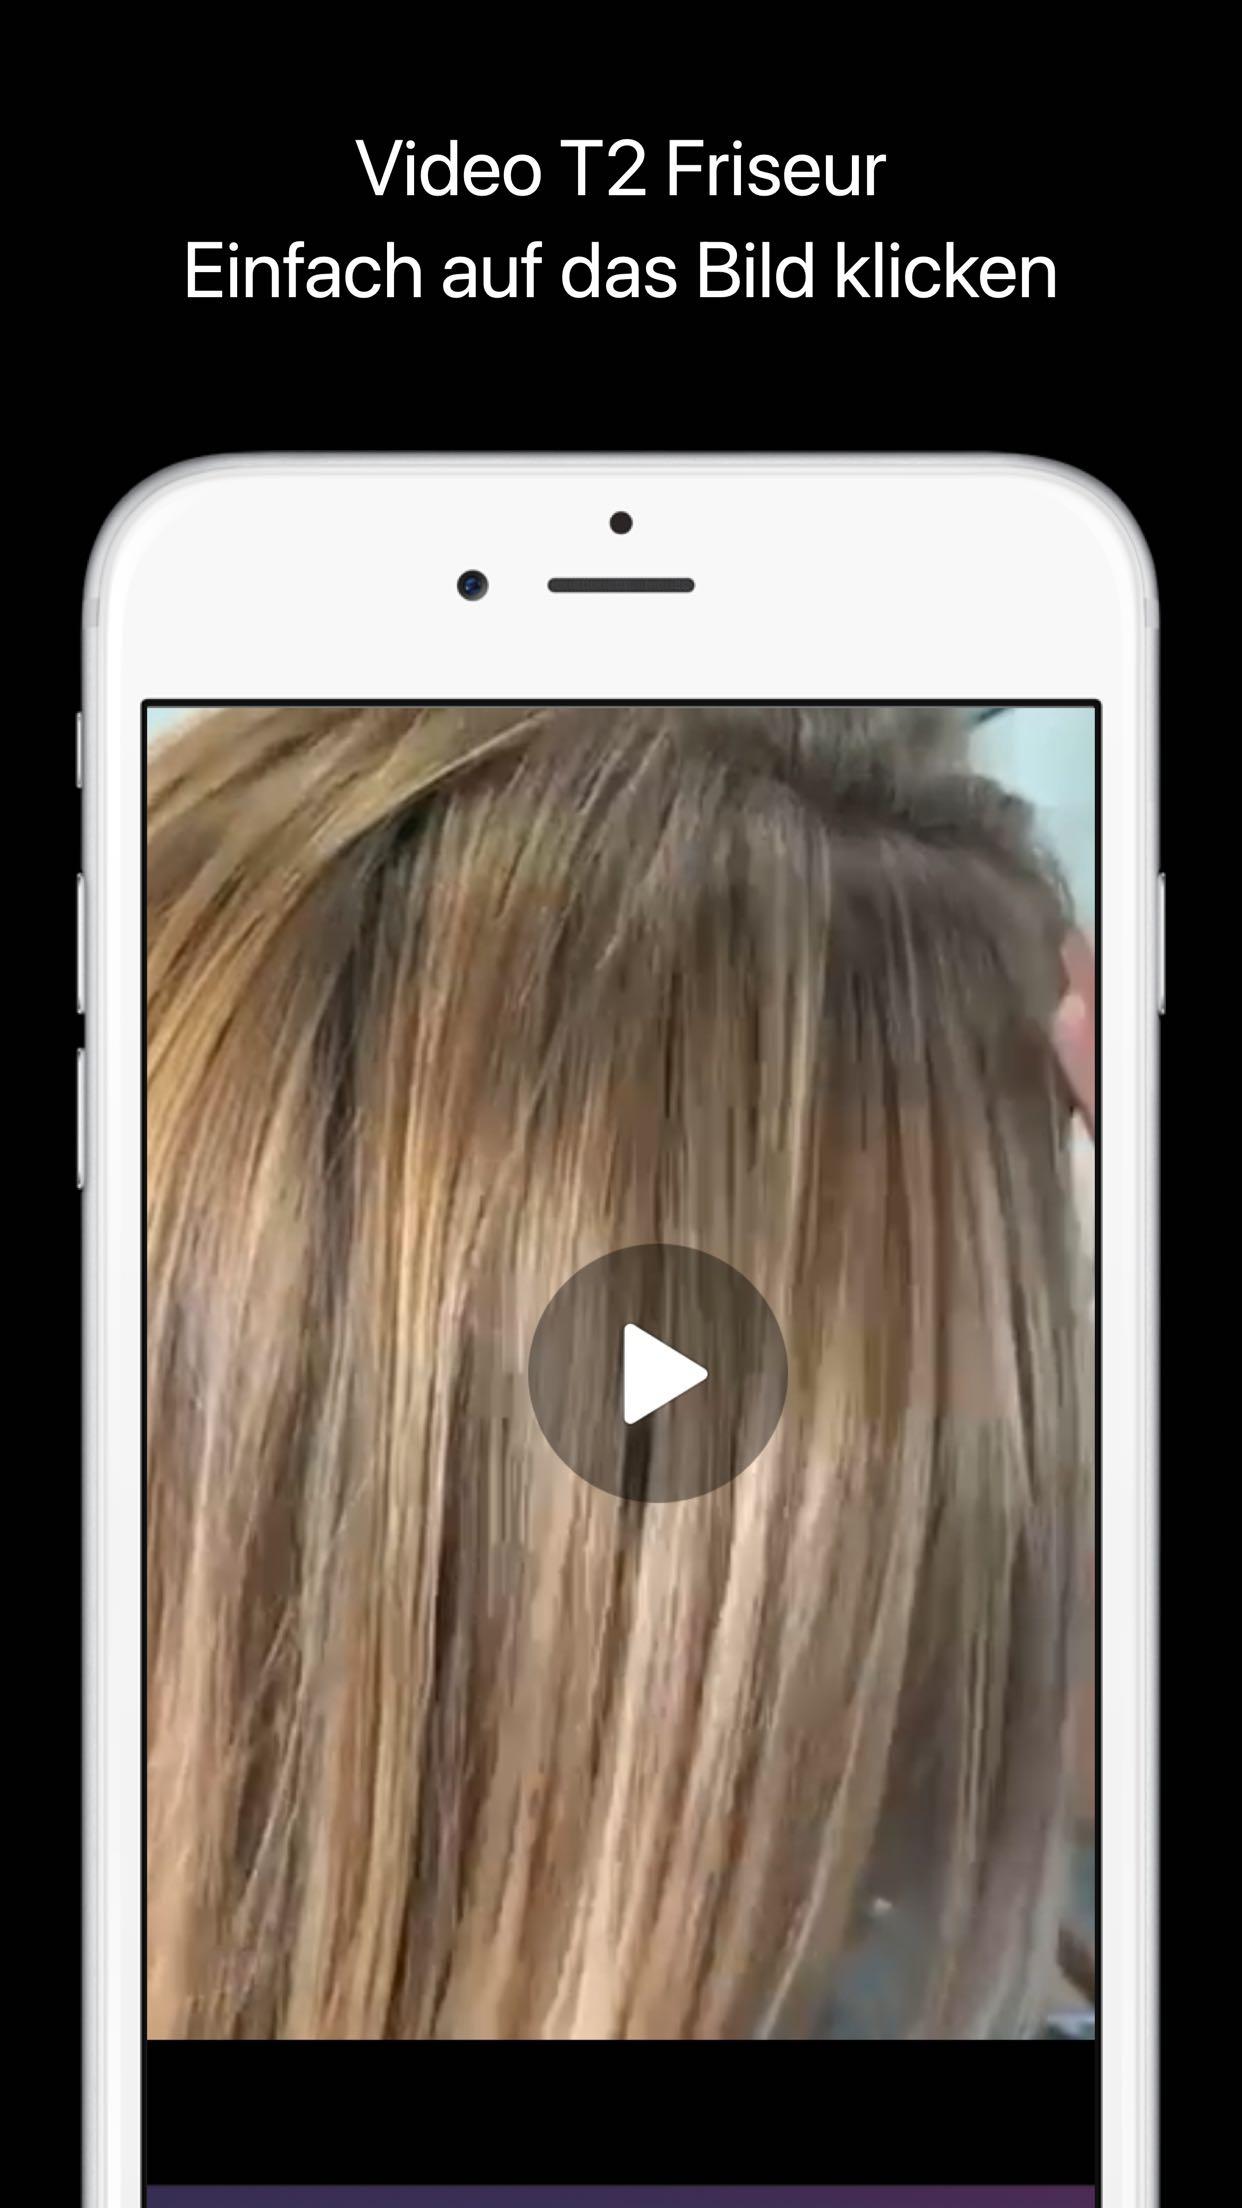 Video T2 Friseur